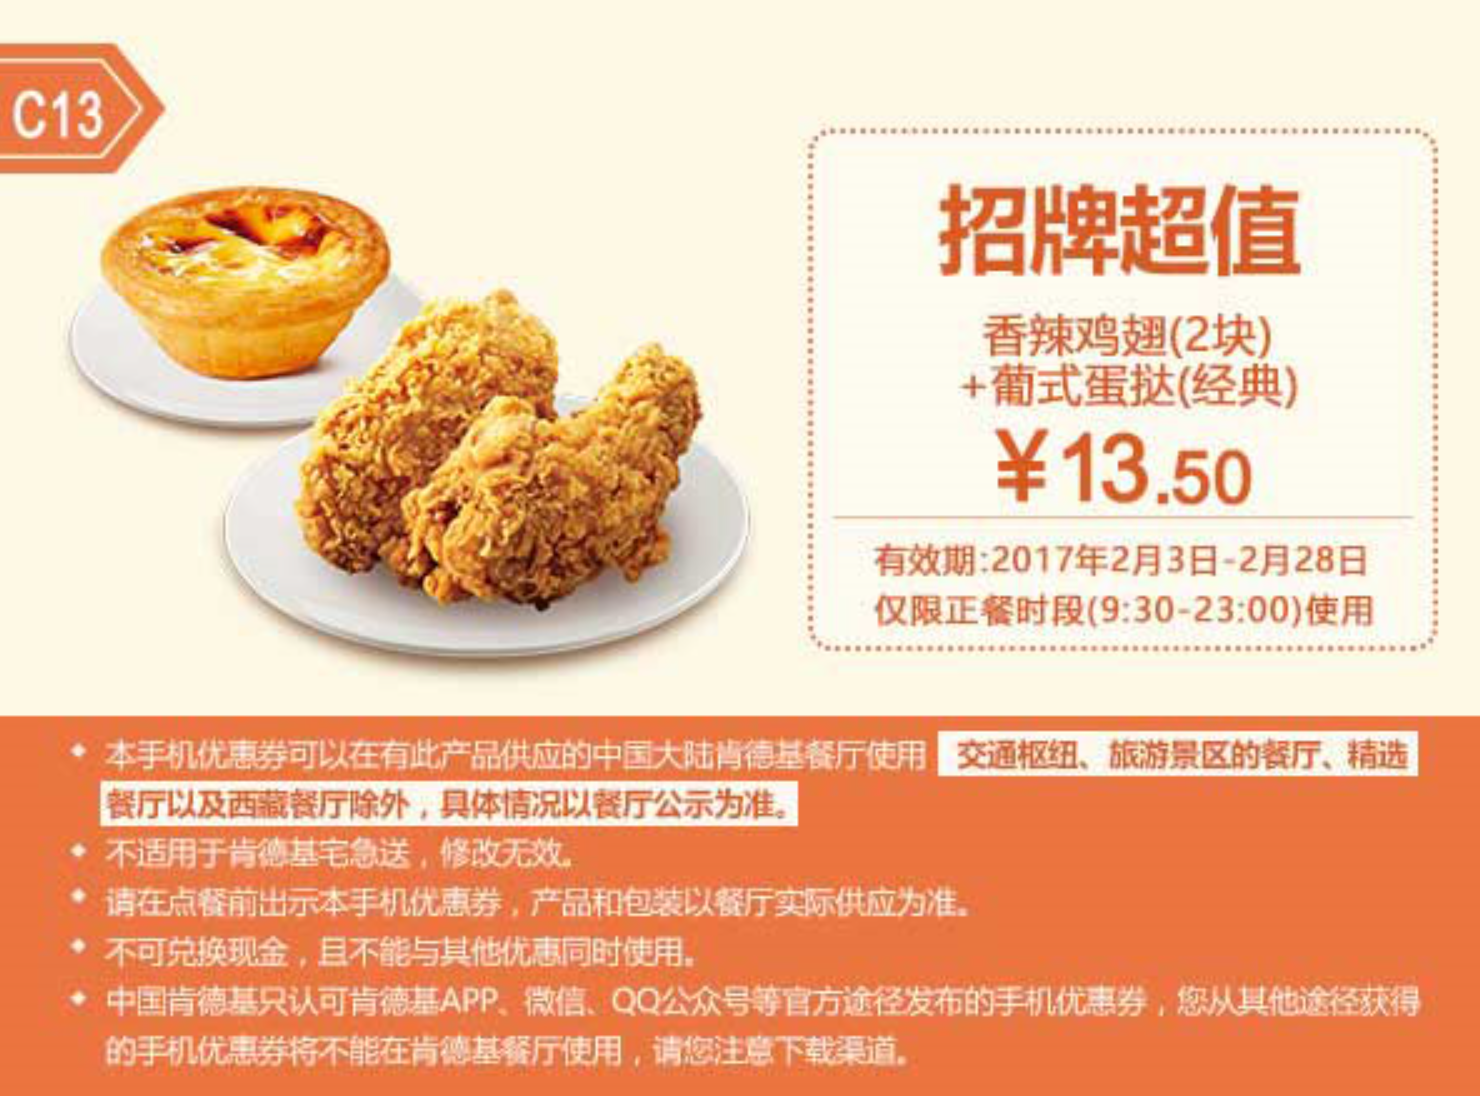 C13香辣鸡翅(2块)+葡式蛋挞(经典)